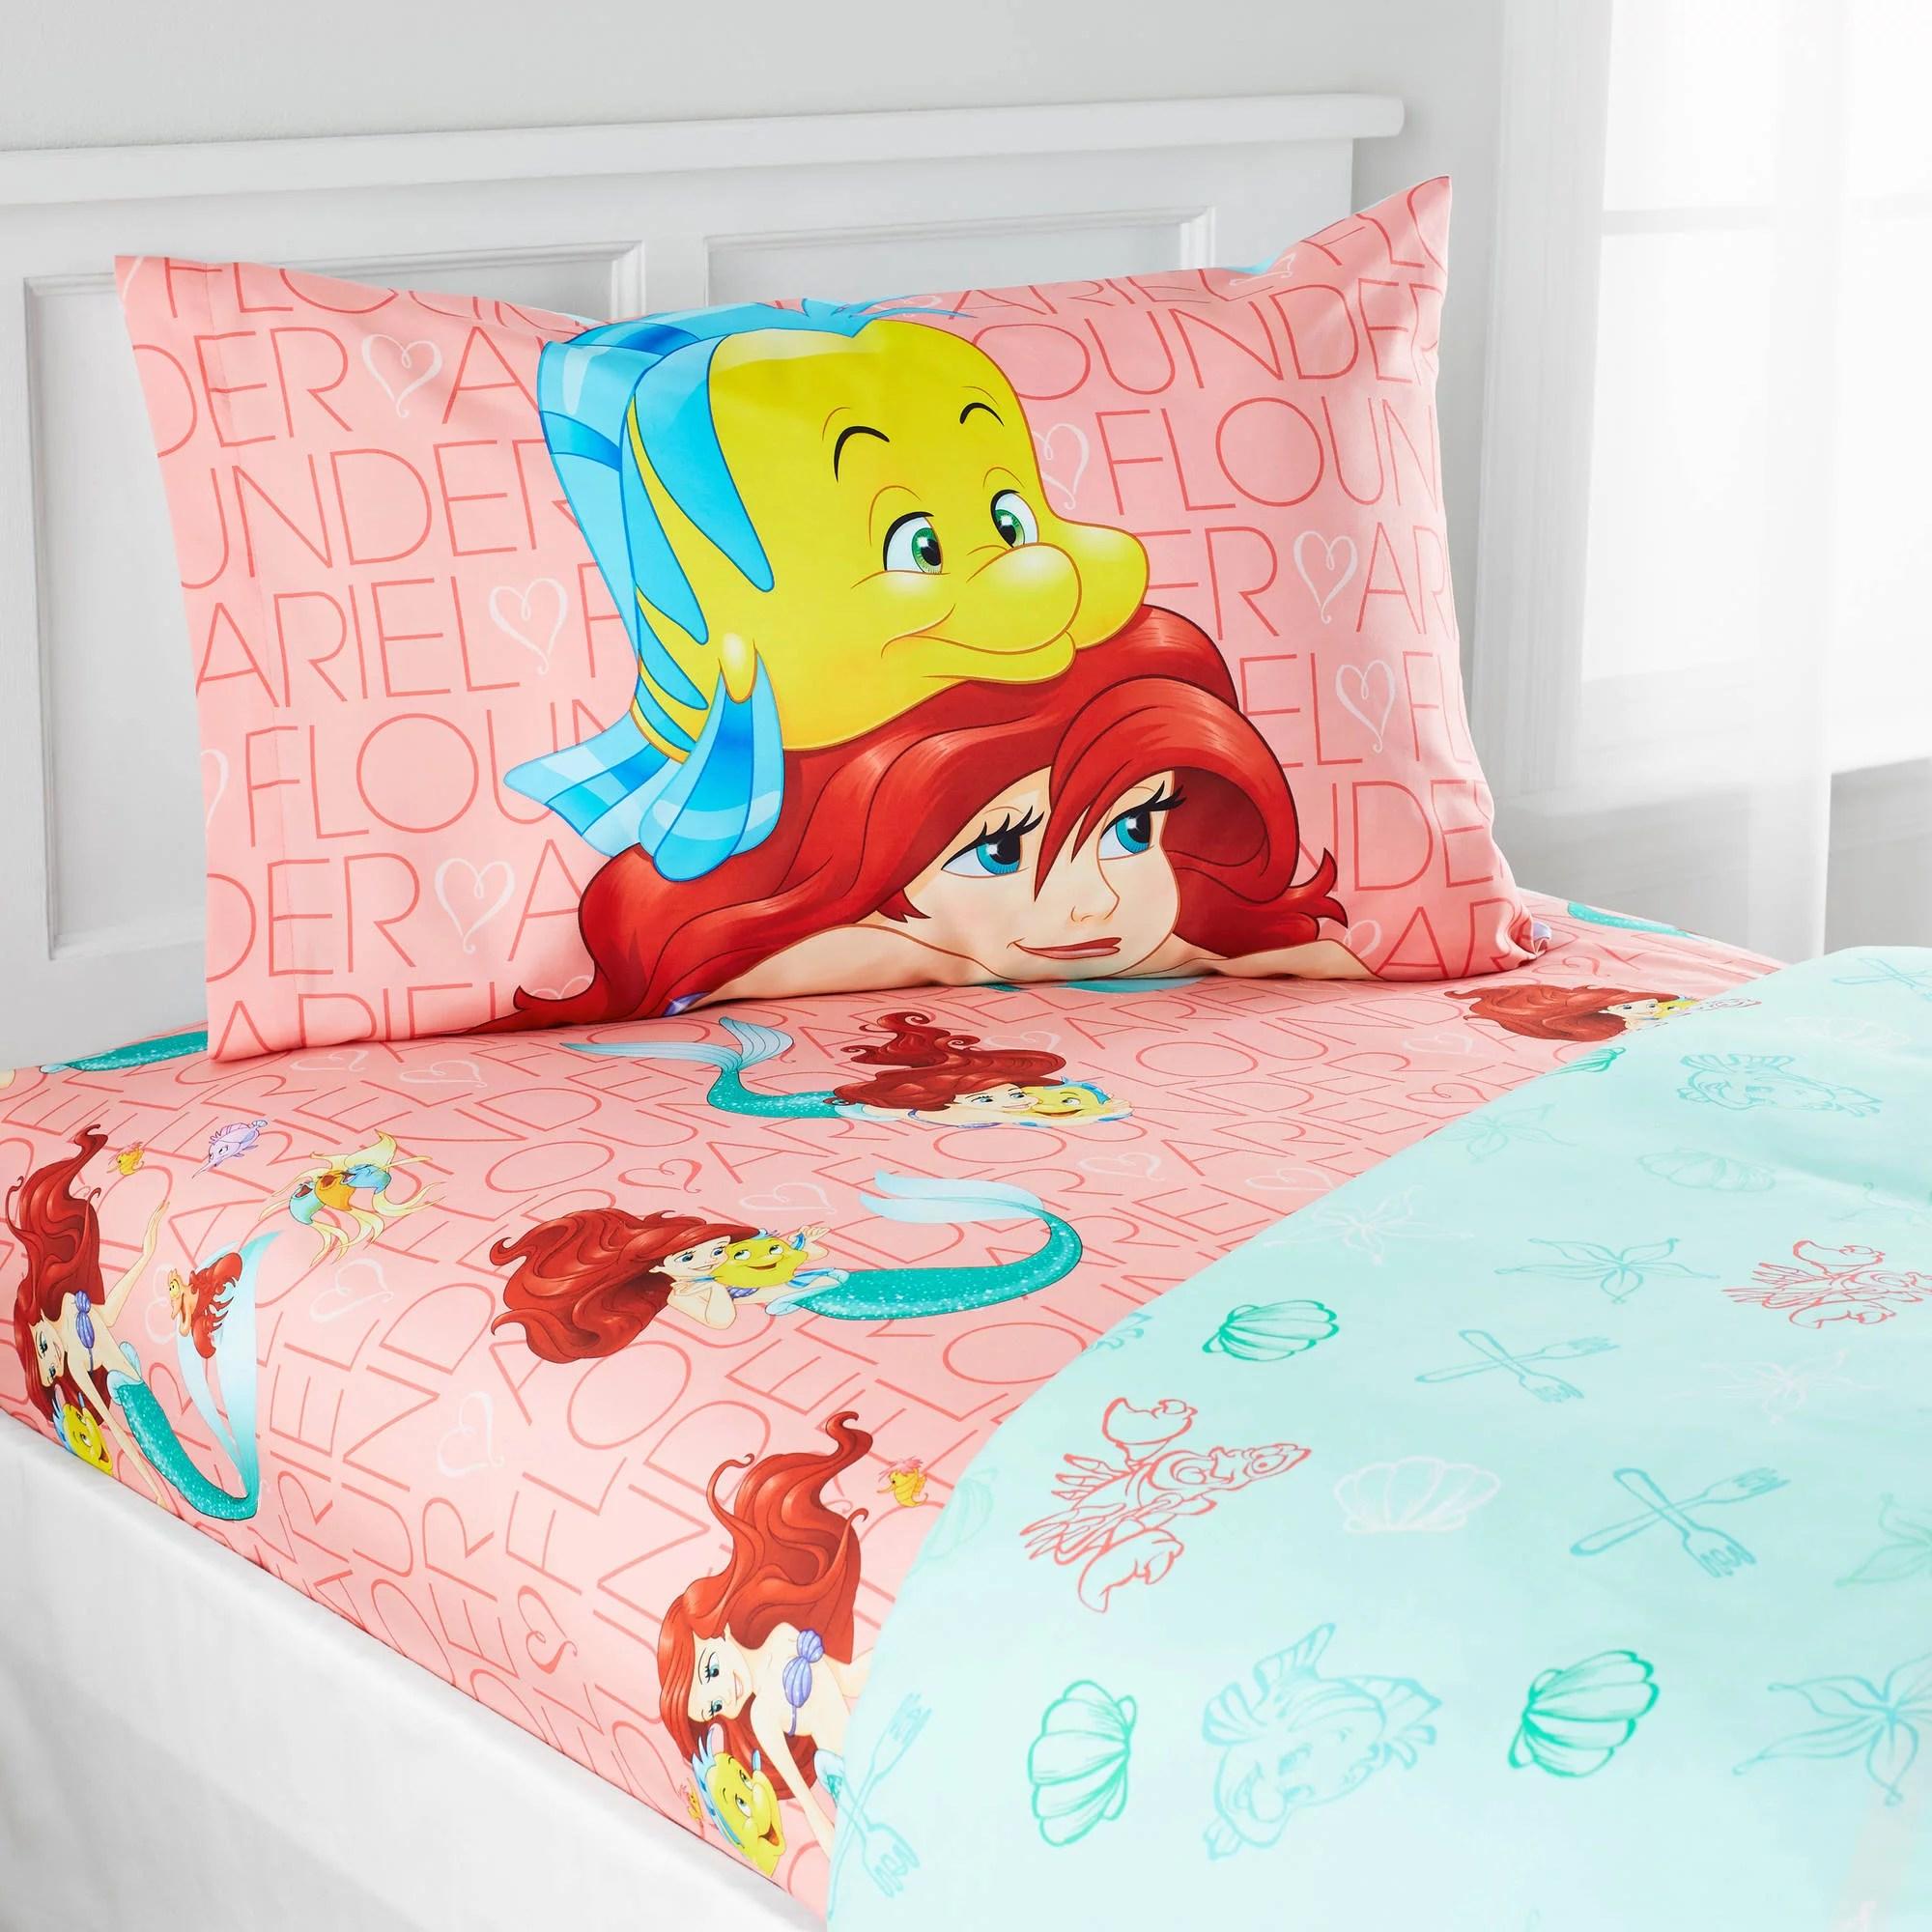 Little Mermaid Bedding Sheet Set For Girls Bed Room Decor